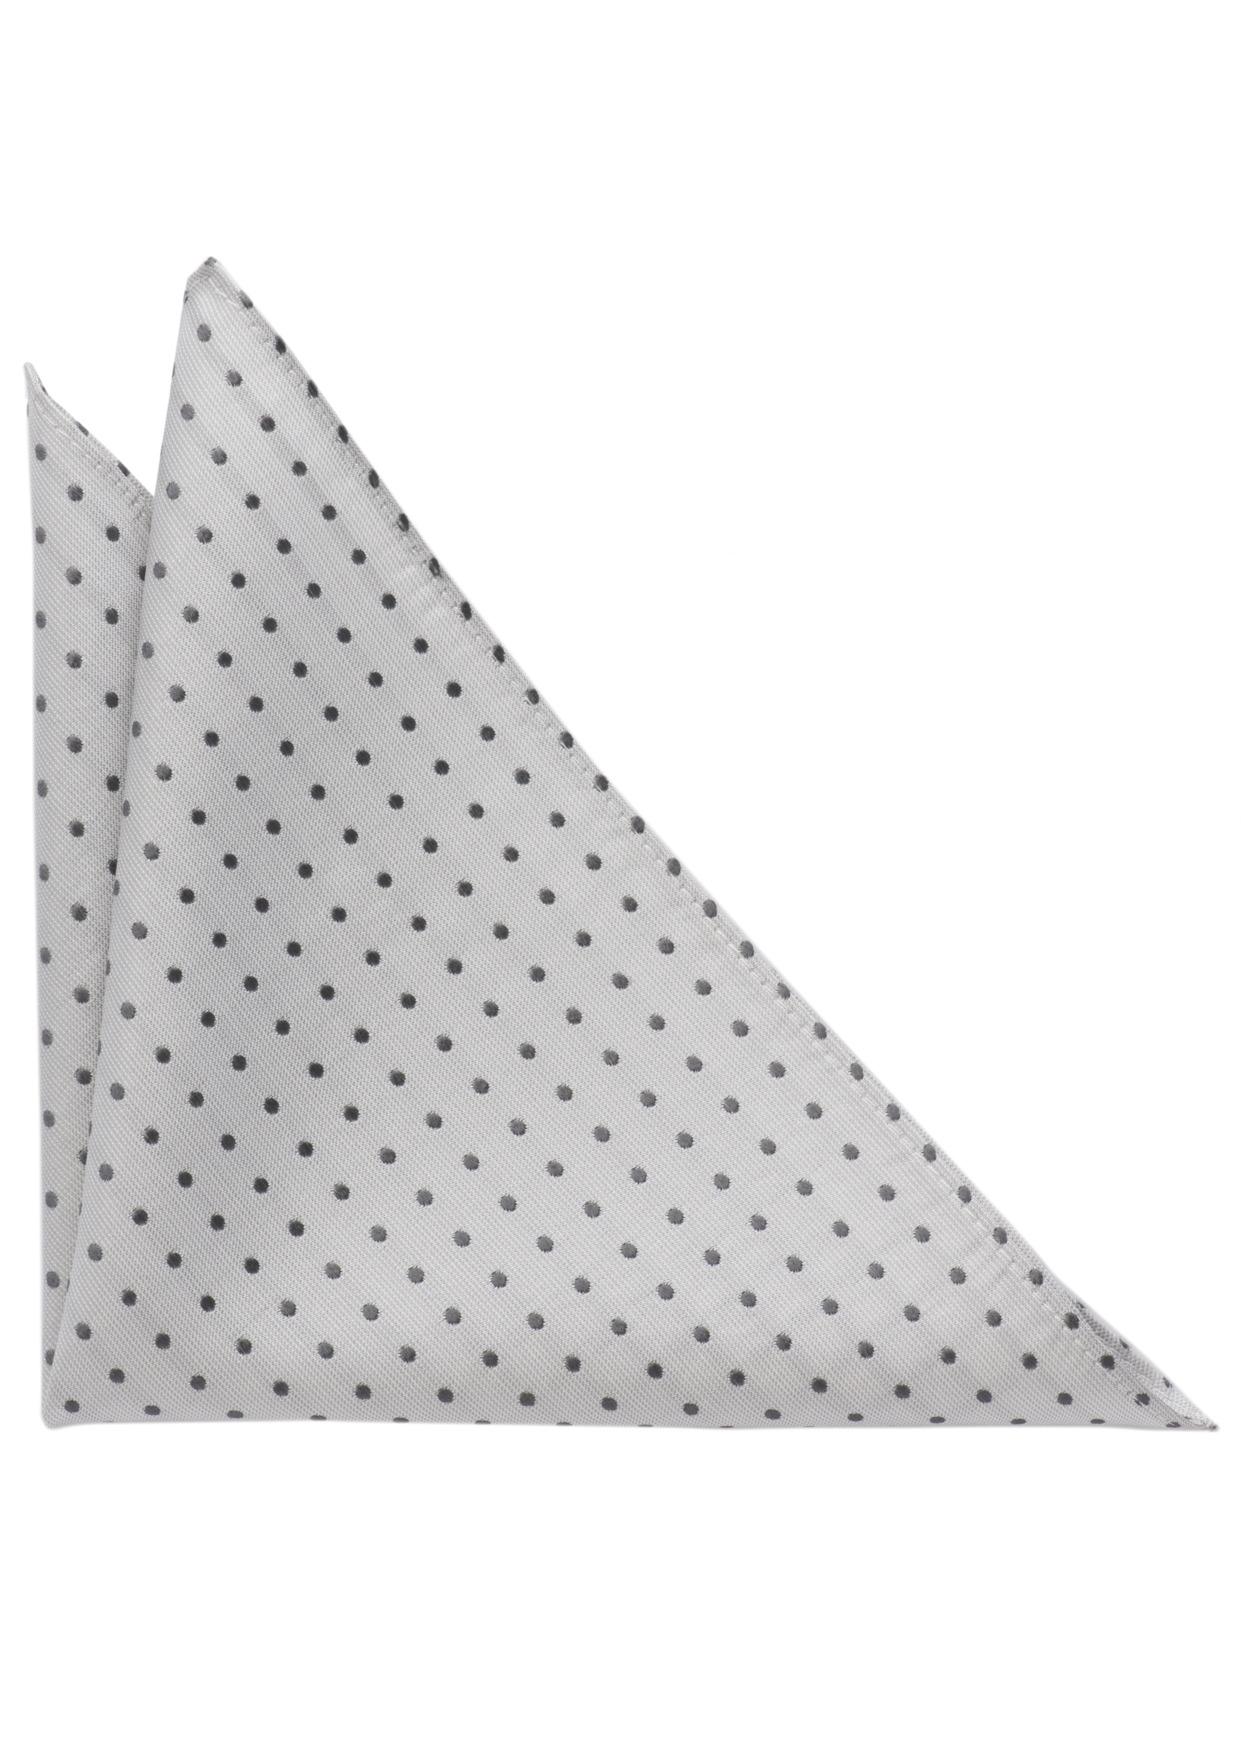 ETERNA Einstecktuch grau getupft